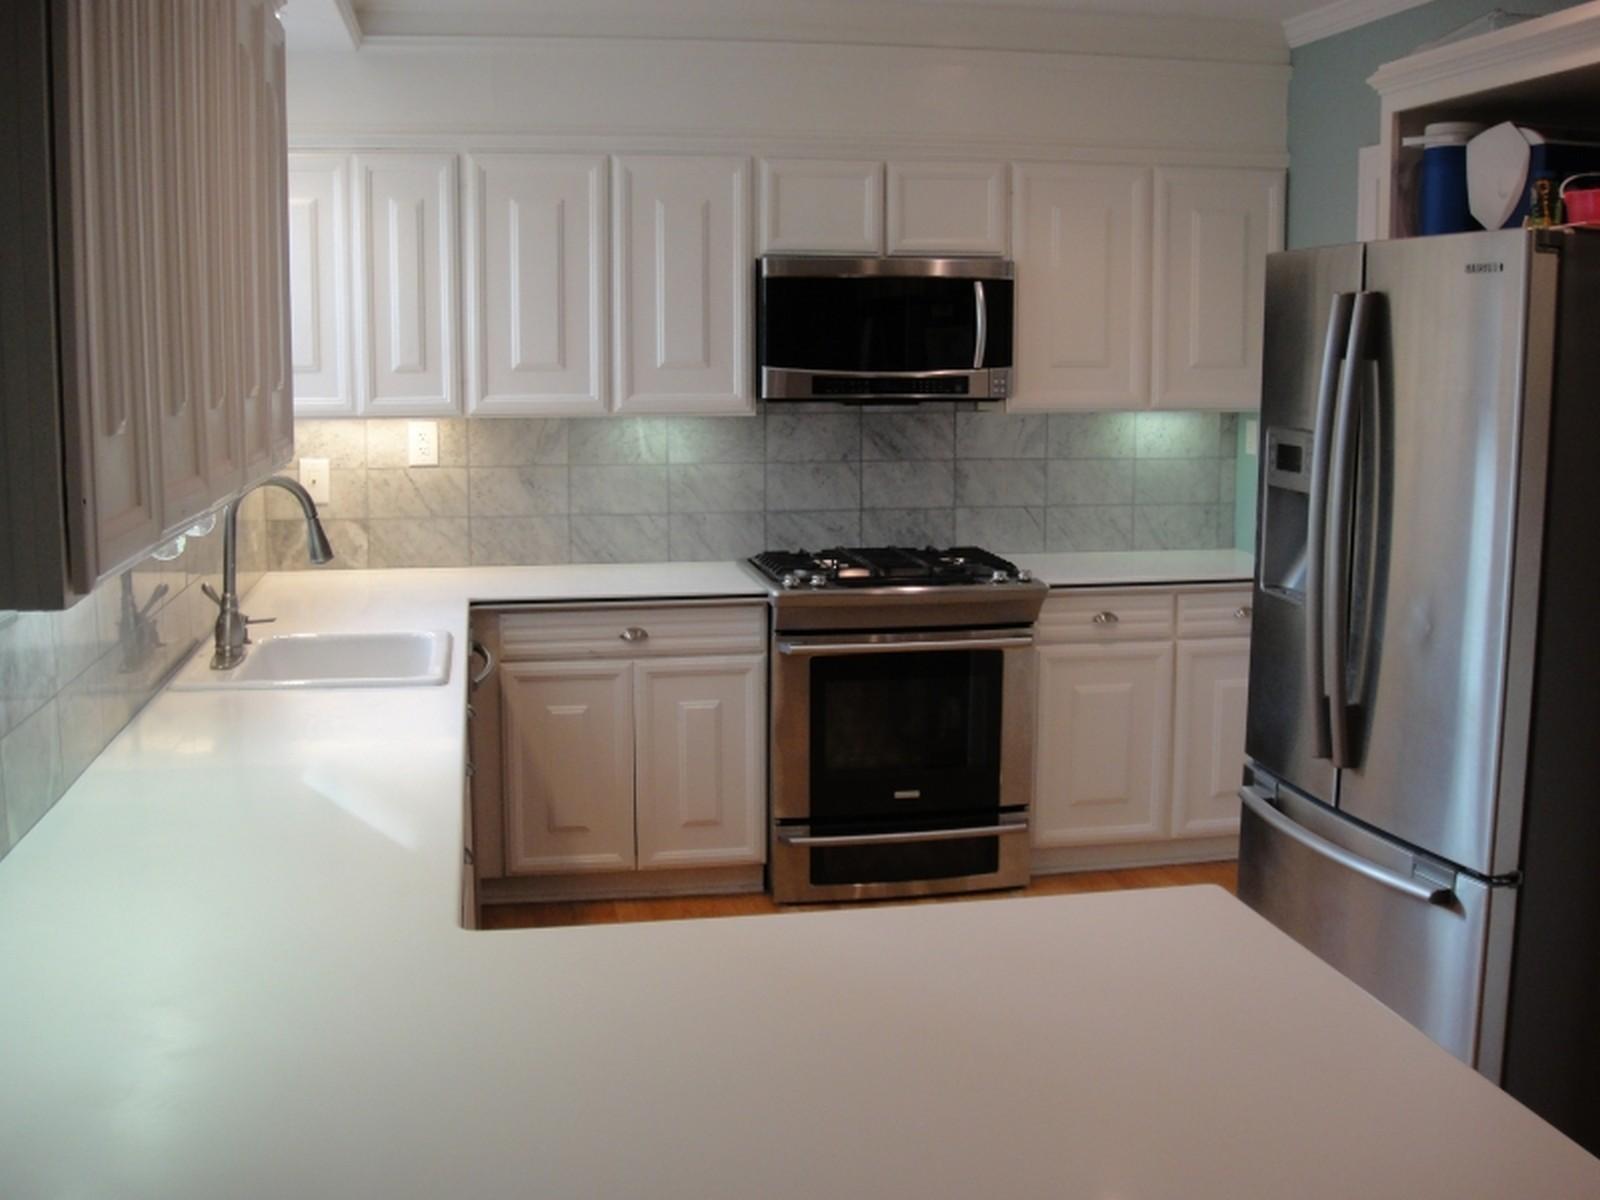 Real Estate Photography - 556 Winnetka Ave, Winnetka, IL, 60093 - Kitchen / Breakfast Room